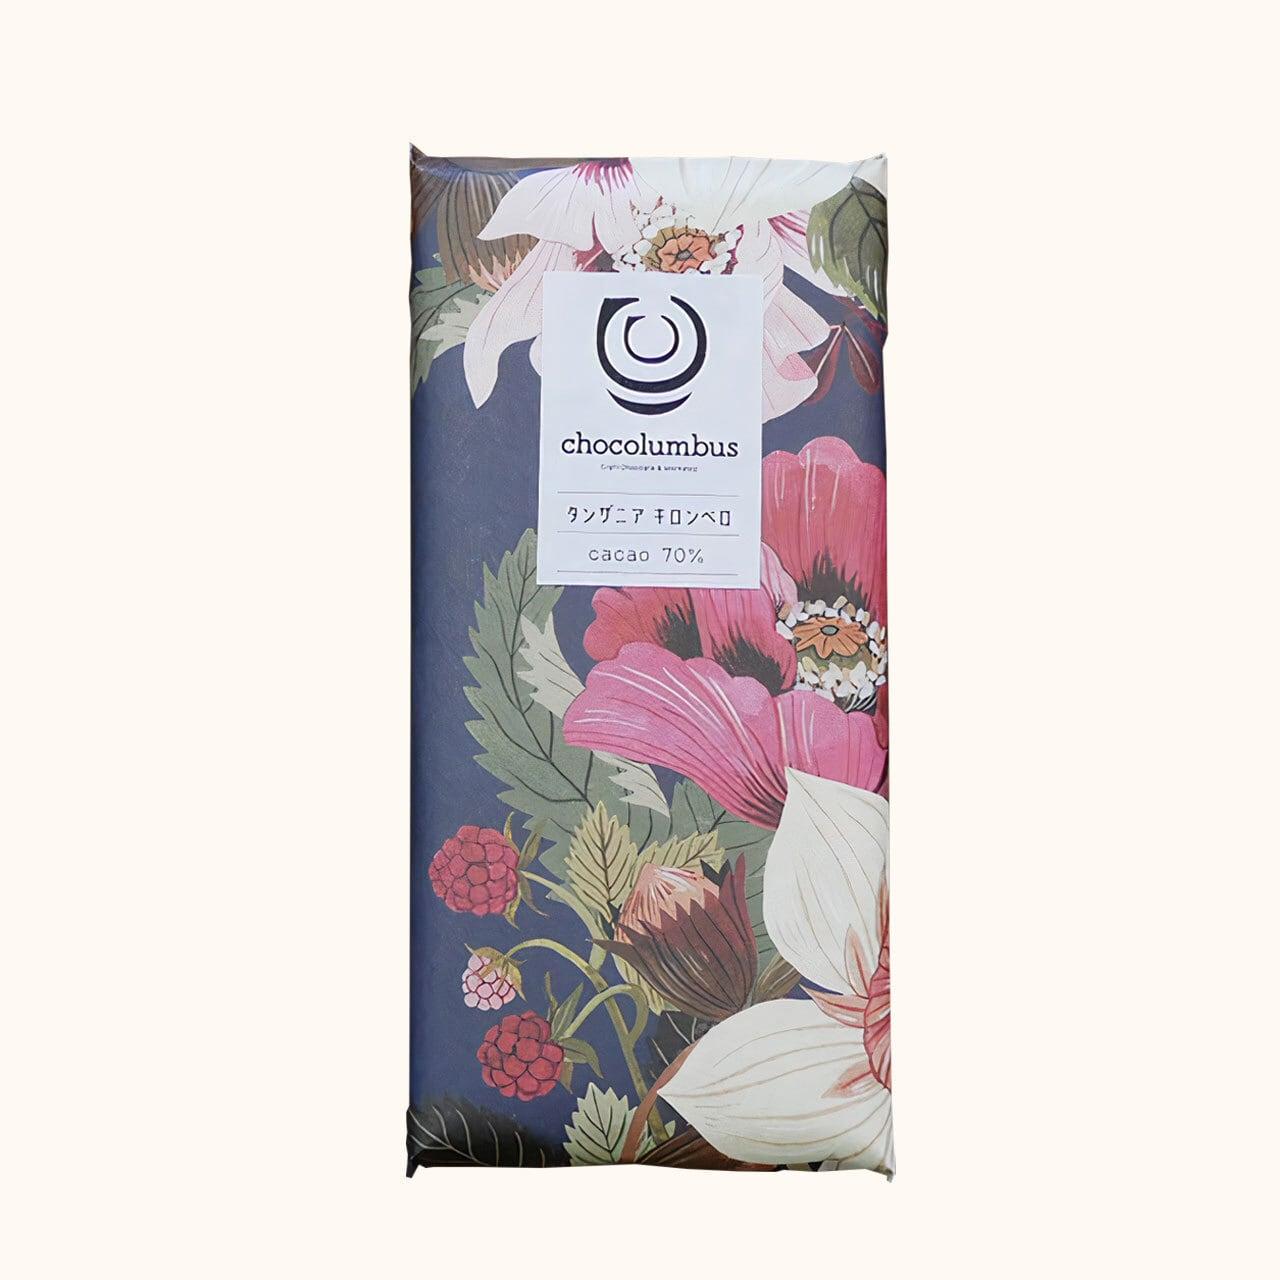 【チョコロンブス】タンザニア キロンベロ cacao70% チョコレート